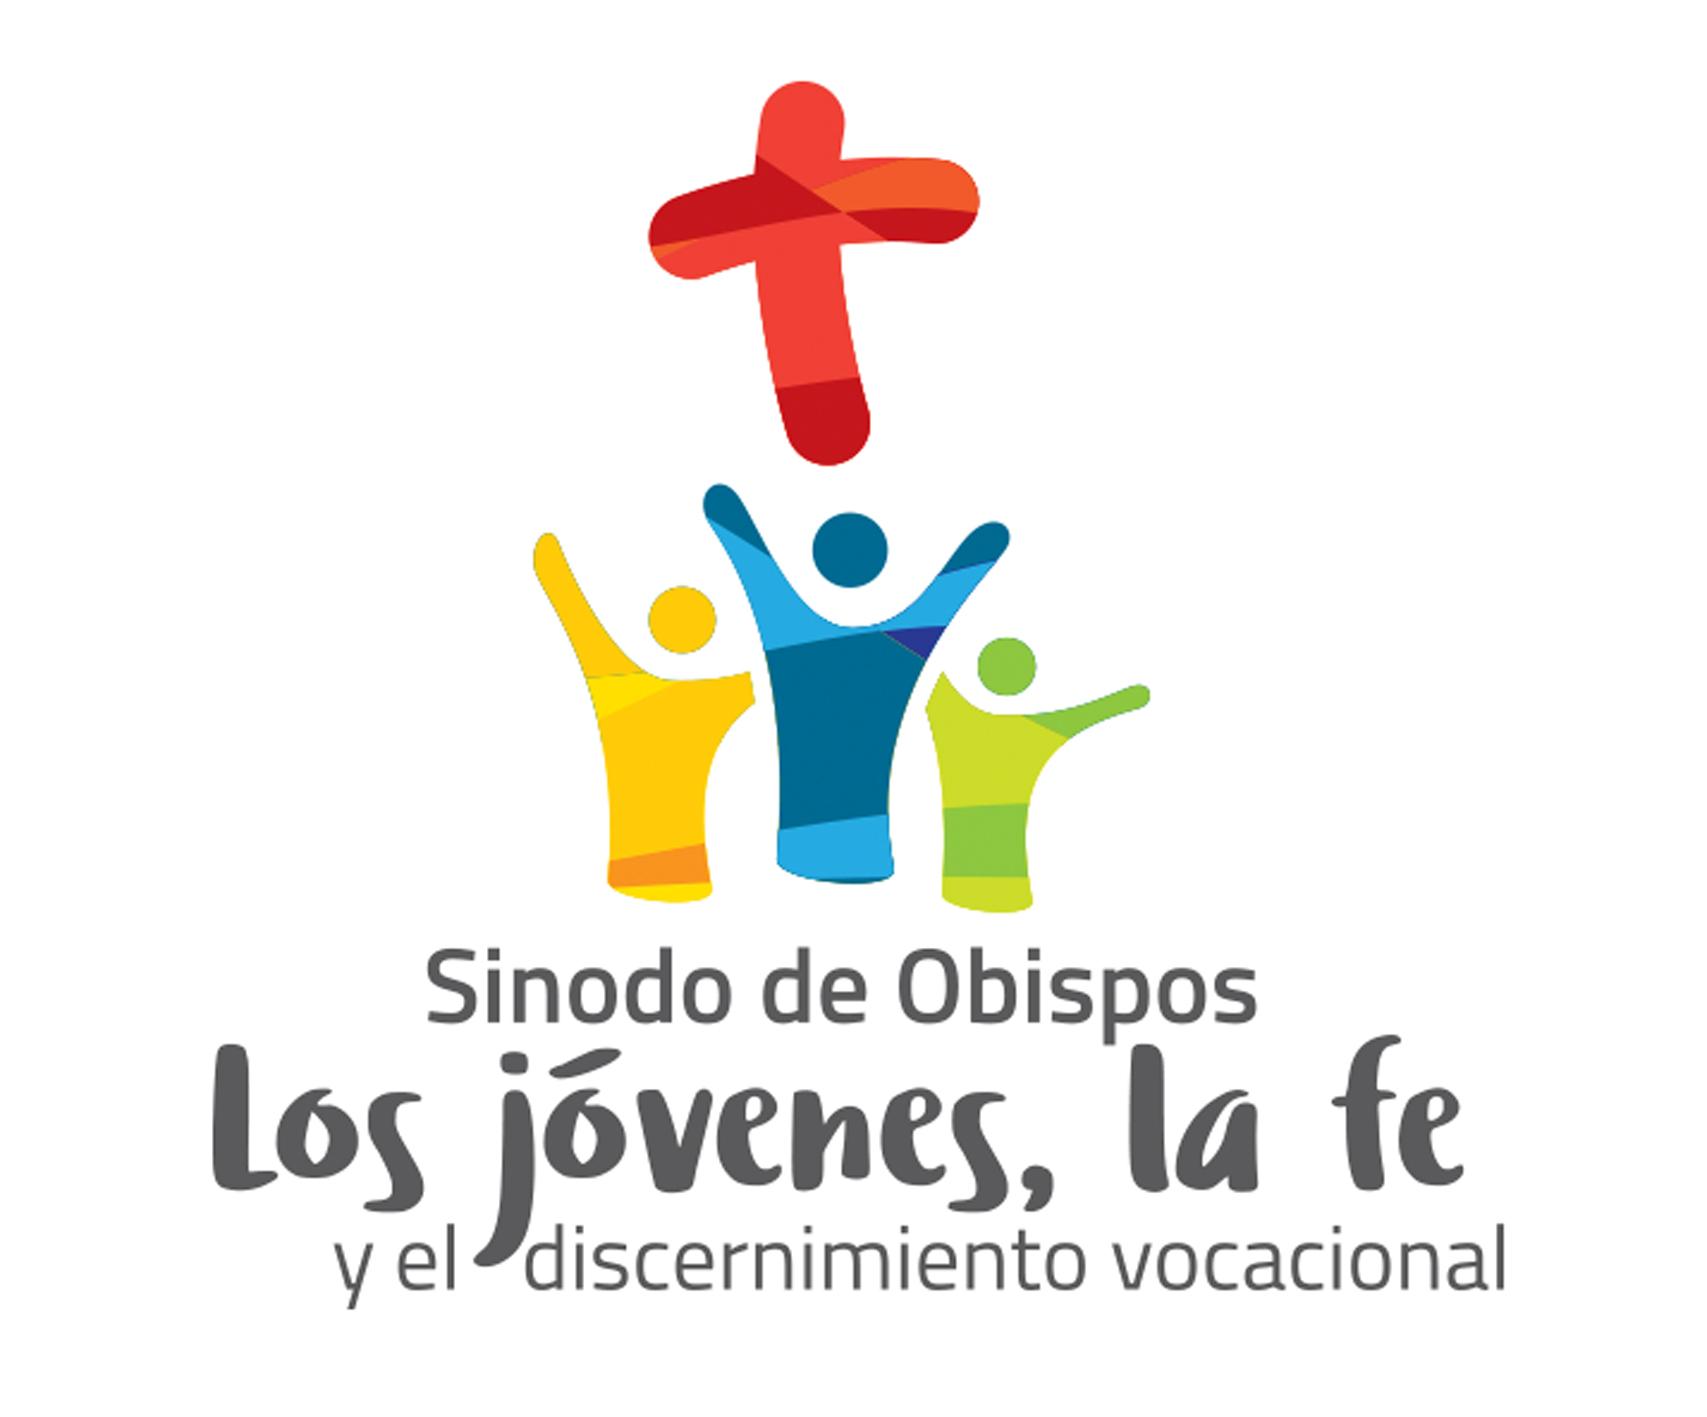 Resultado de imagen para sinodo de obispos 2018